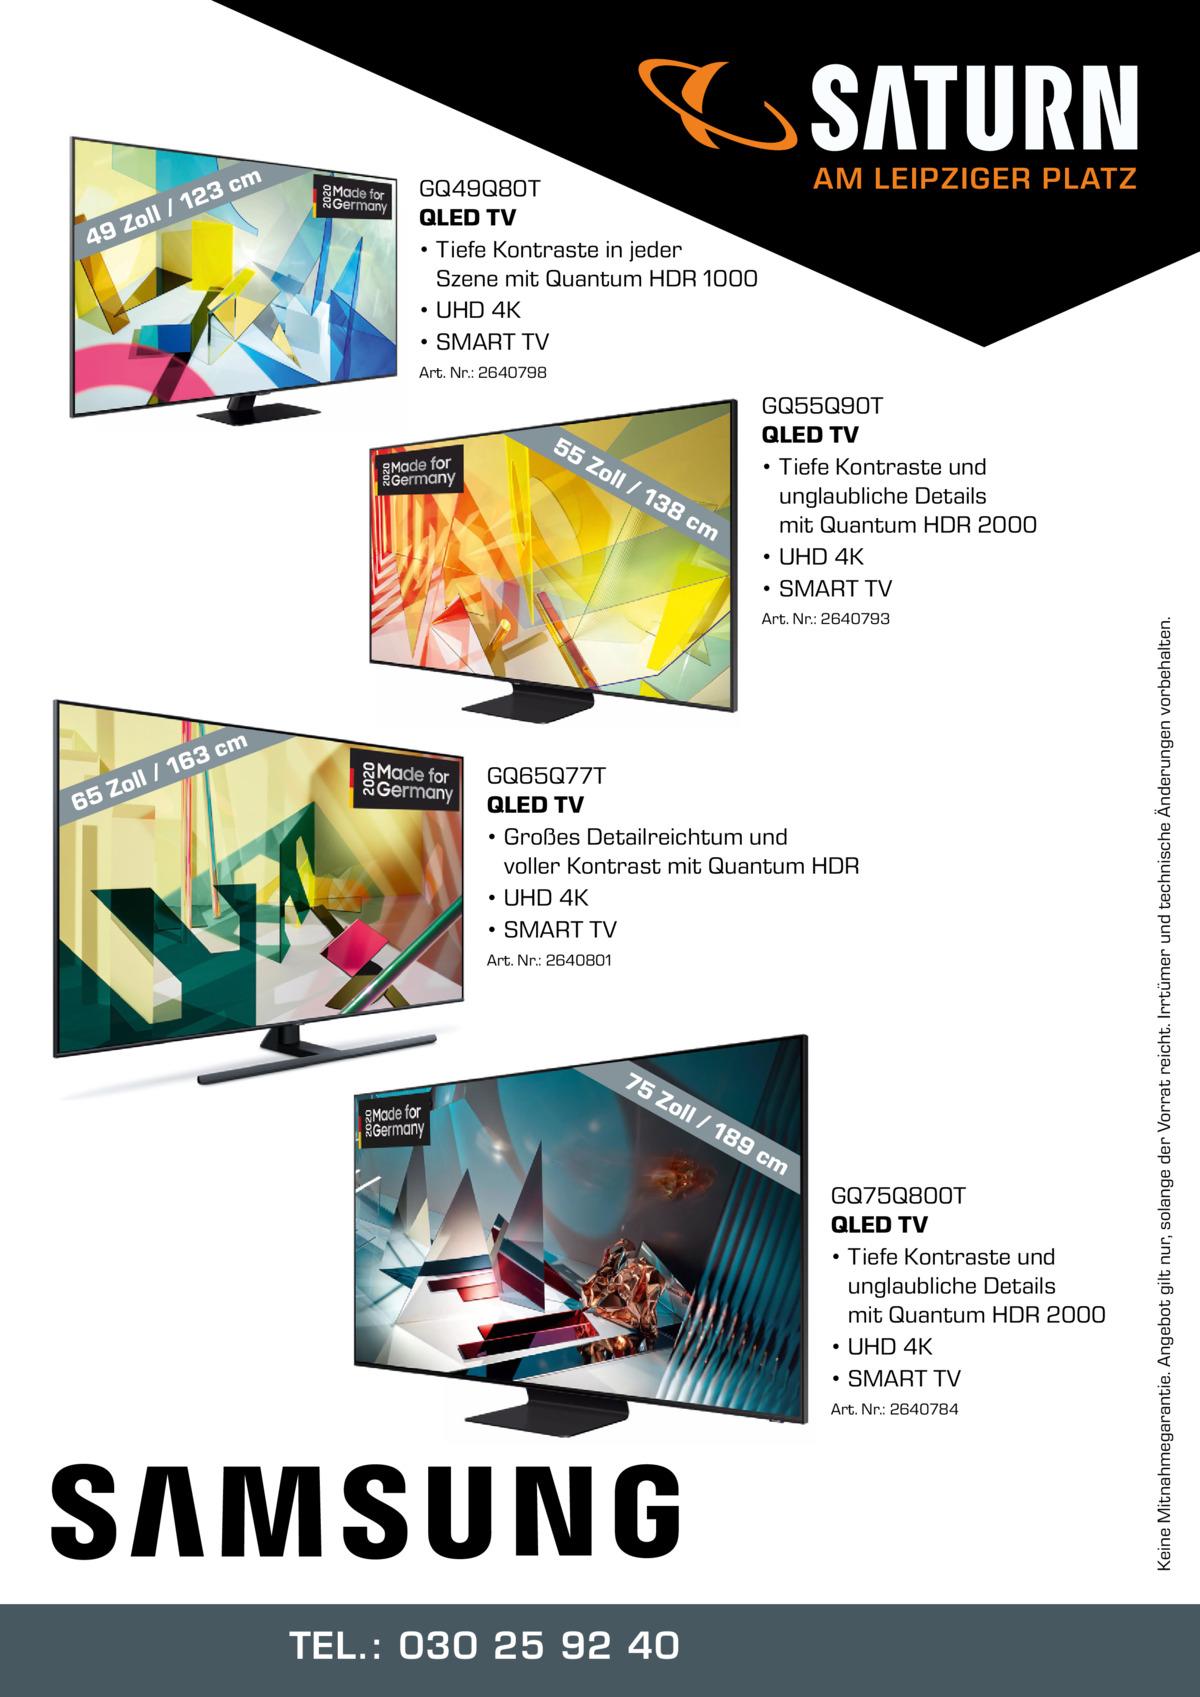 m  3c  12 oll / Z 9  4  AM LEIPZIGER PLATZ  GQ49Q80T QLED TV • Tiefe Kontraste in jeder Szene mit Quantum HDR 1000 • UHD 4K • SMART TV Art. Nr.: 2640798  Zo ll  /1  38  cm  Art. Nr.: 2640793  m  3c  6  16 oll / Z 5  GQ65Q77T QLED TV • Großes Detailreichtum und voller Kontrast mit Quantum HDR • UHD 4K • SMART TV Art. Nr.: 2640801  75  Zo ll  /1  89  cm  GQ75Q800T QLED TV • Tiefe Kontraste und unglaubliche Details mit Quantum HDR 2000 • UHD 4K • SMART TV Art. Nr.: 2640784  TEL.: 030 25 92 40  Keine Mitnahmegarantie. Angebot gilt nur, solange der Vorrat reicht. Irrtümer und technische Änderungen vorbehalten.  55  GQ55Q90T QLED TV • Tiefe Kontraste und unglaubliche Details mit Quantum HDR 2000 • UHD 4K • SMART TV